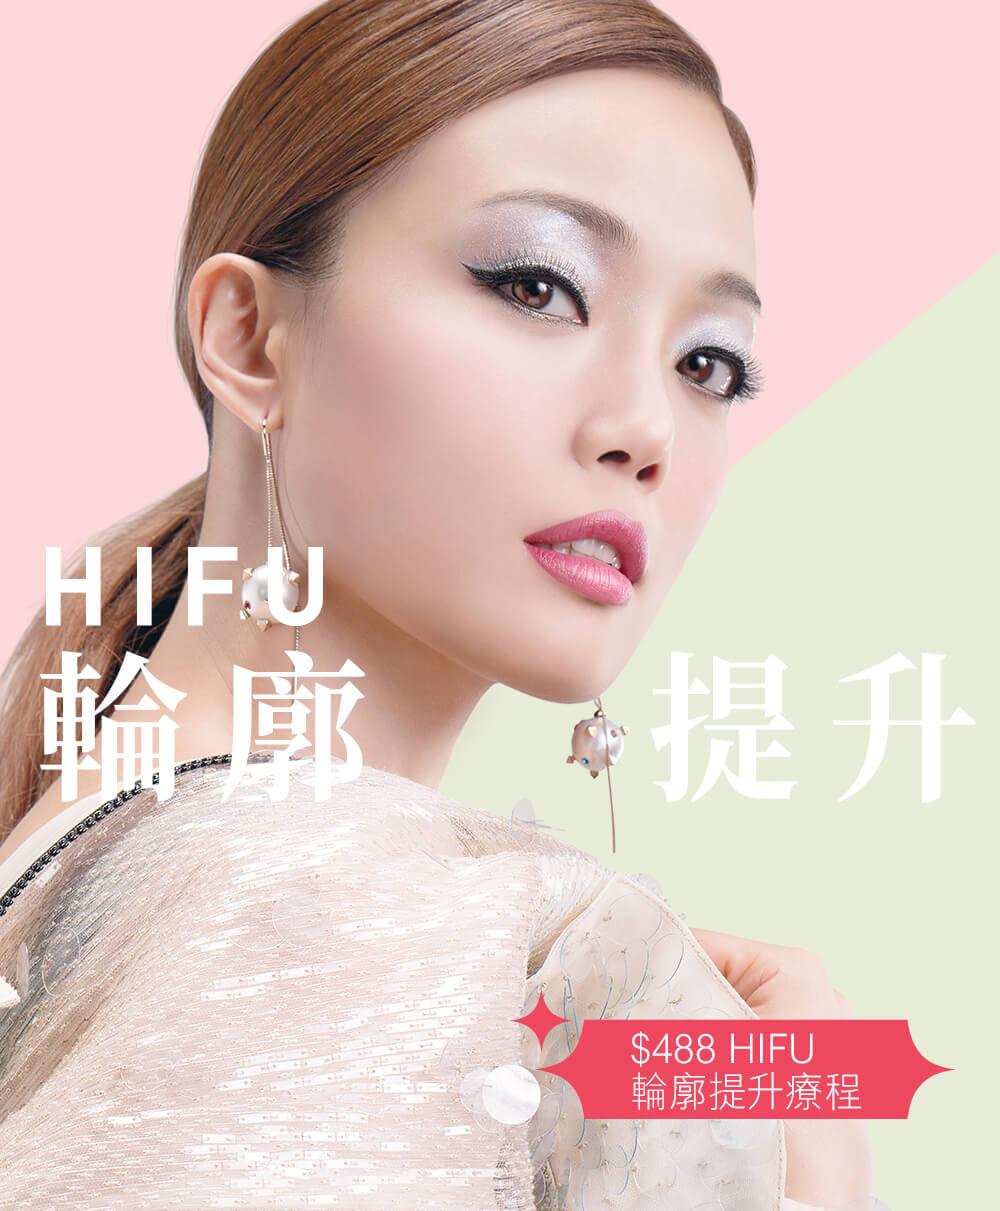 hifu、hifu hk、hifu 香港、hifu 試做、hifu 價錢、hifu 效果